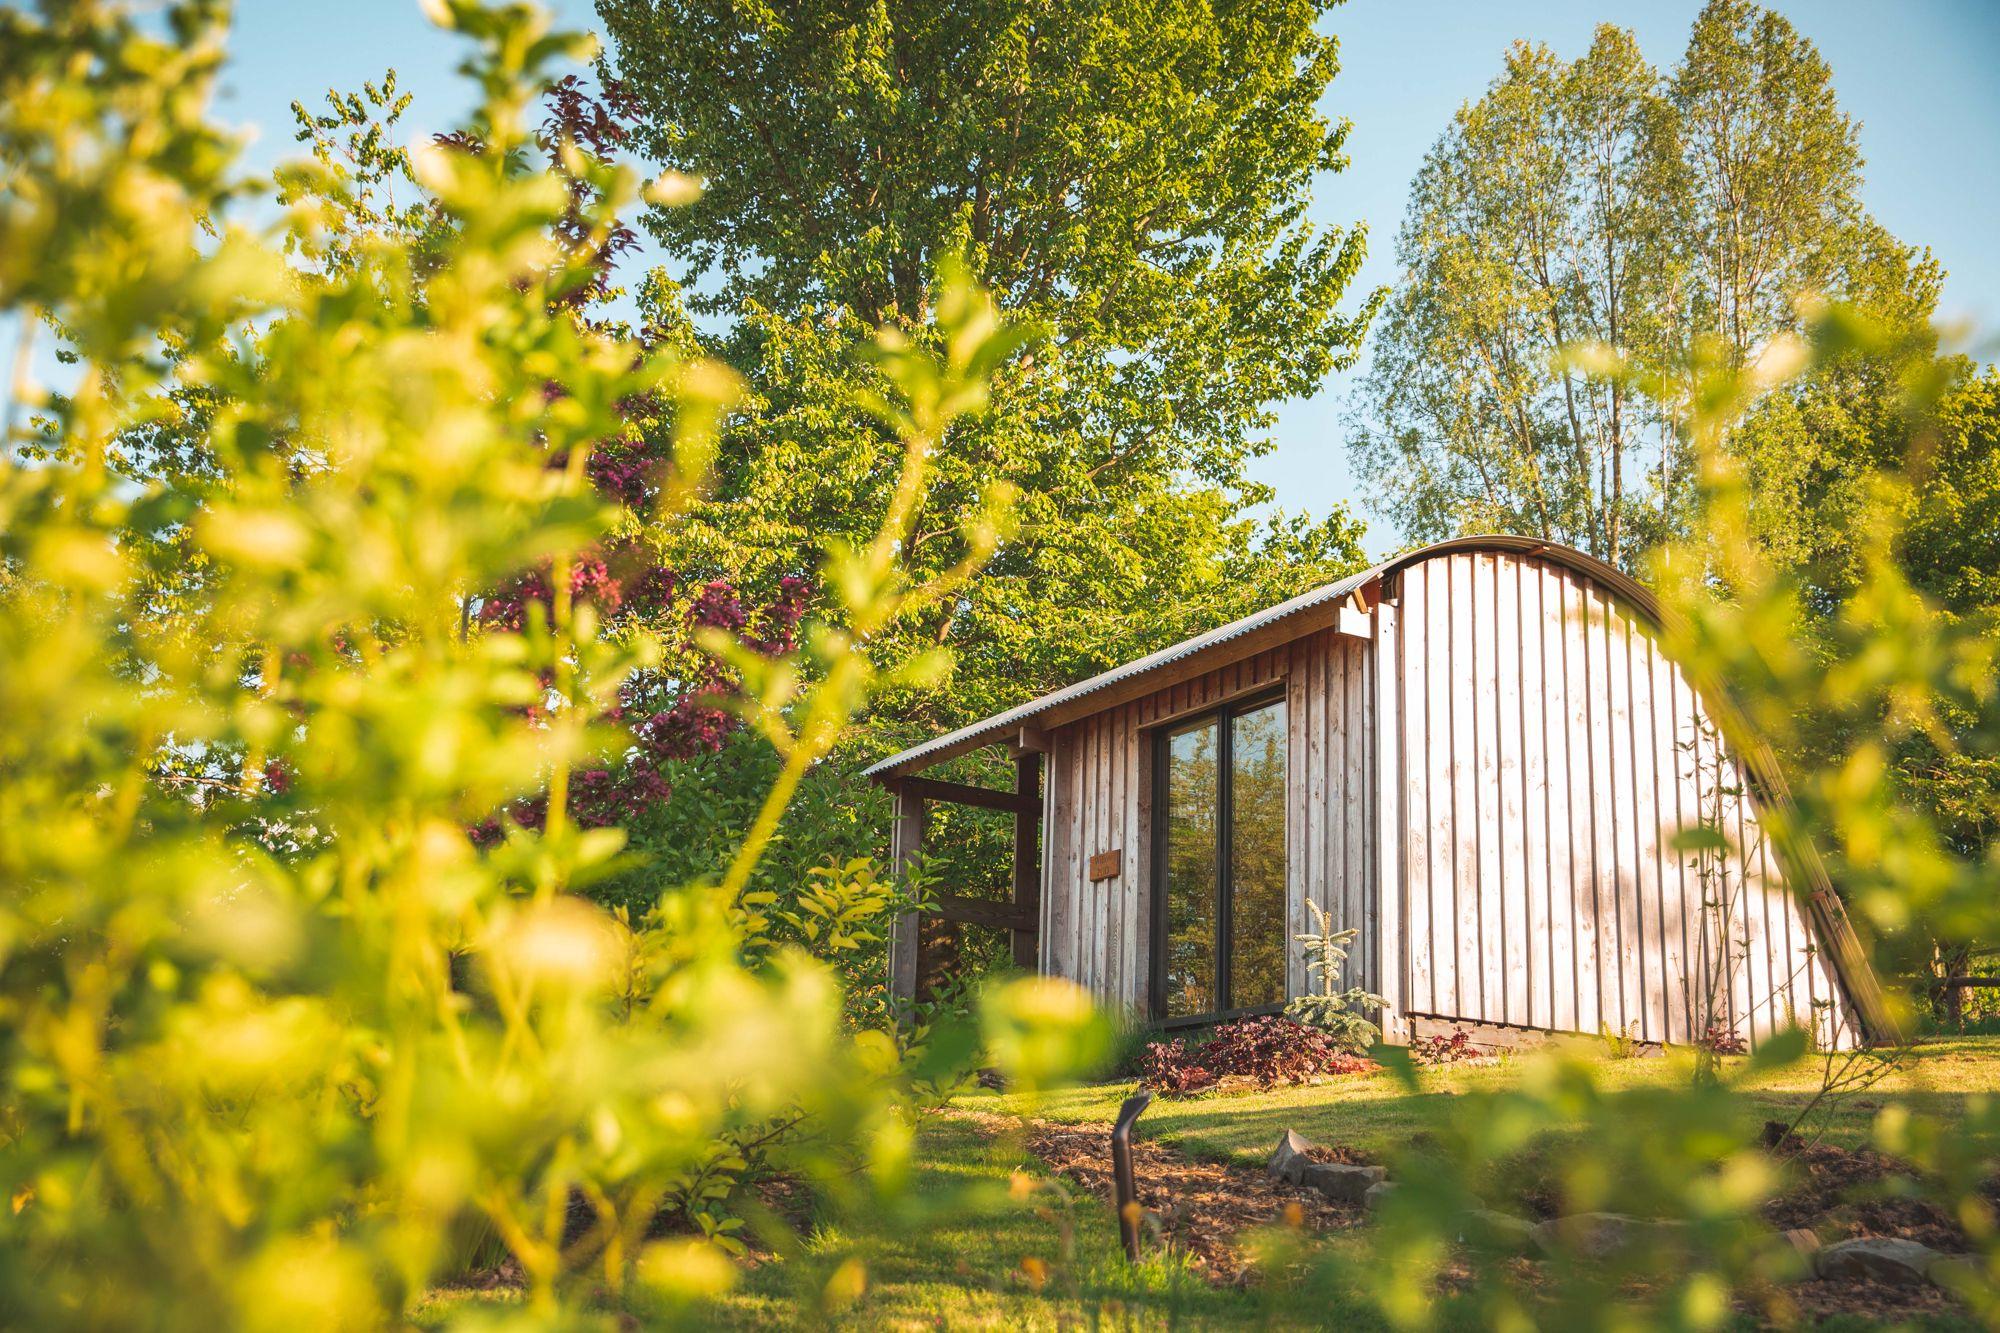 Glamping in Knighton holidays at Cool Camping